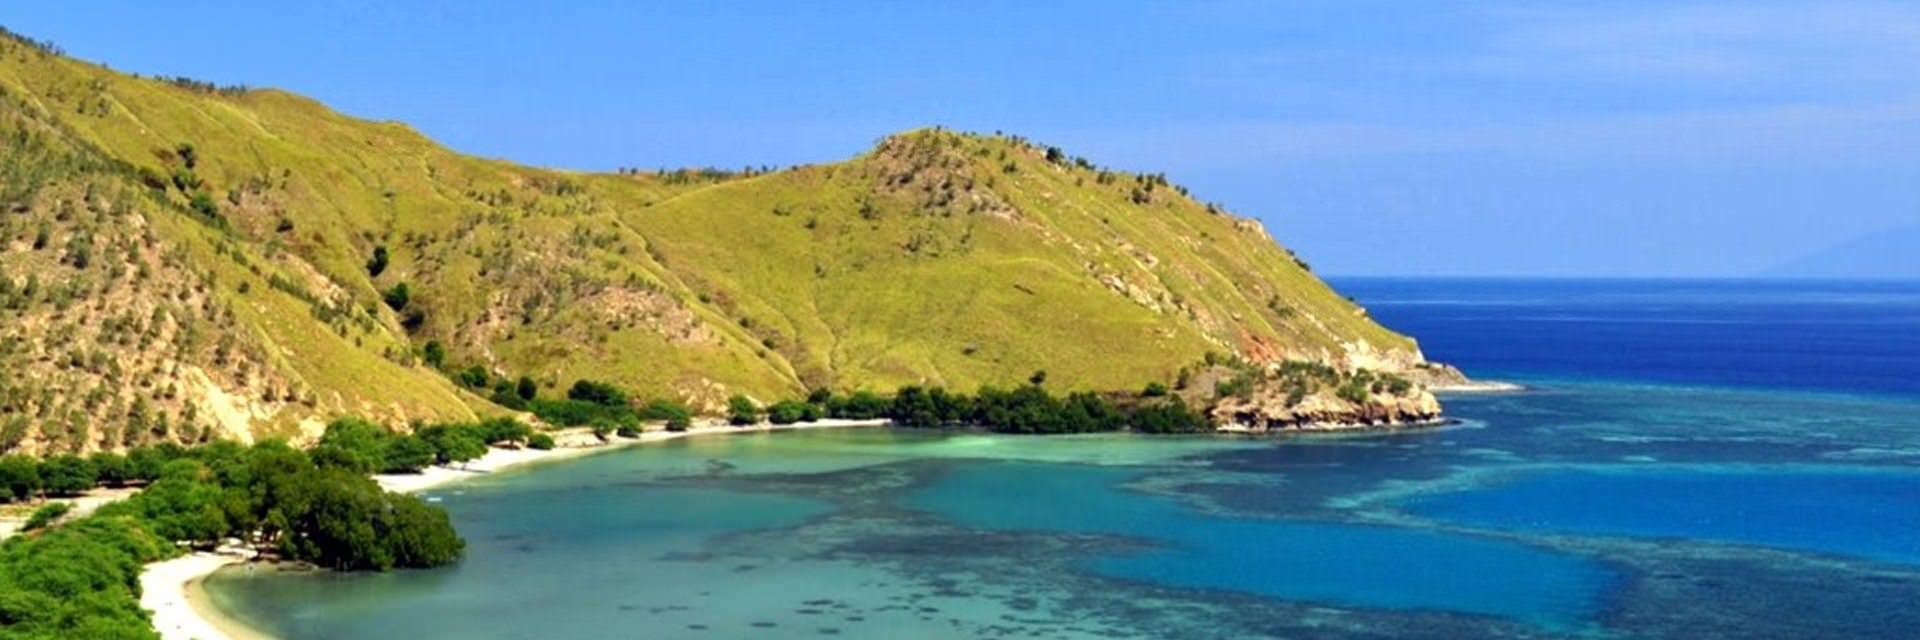 6 Tempat Berpanorama Memukau di Pulau Timor 6 Tempat Berpanorama Memukau di Pulau Timor - Dolan Dolen